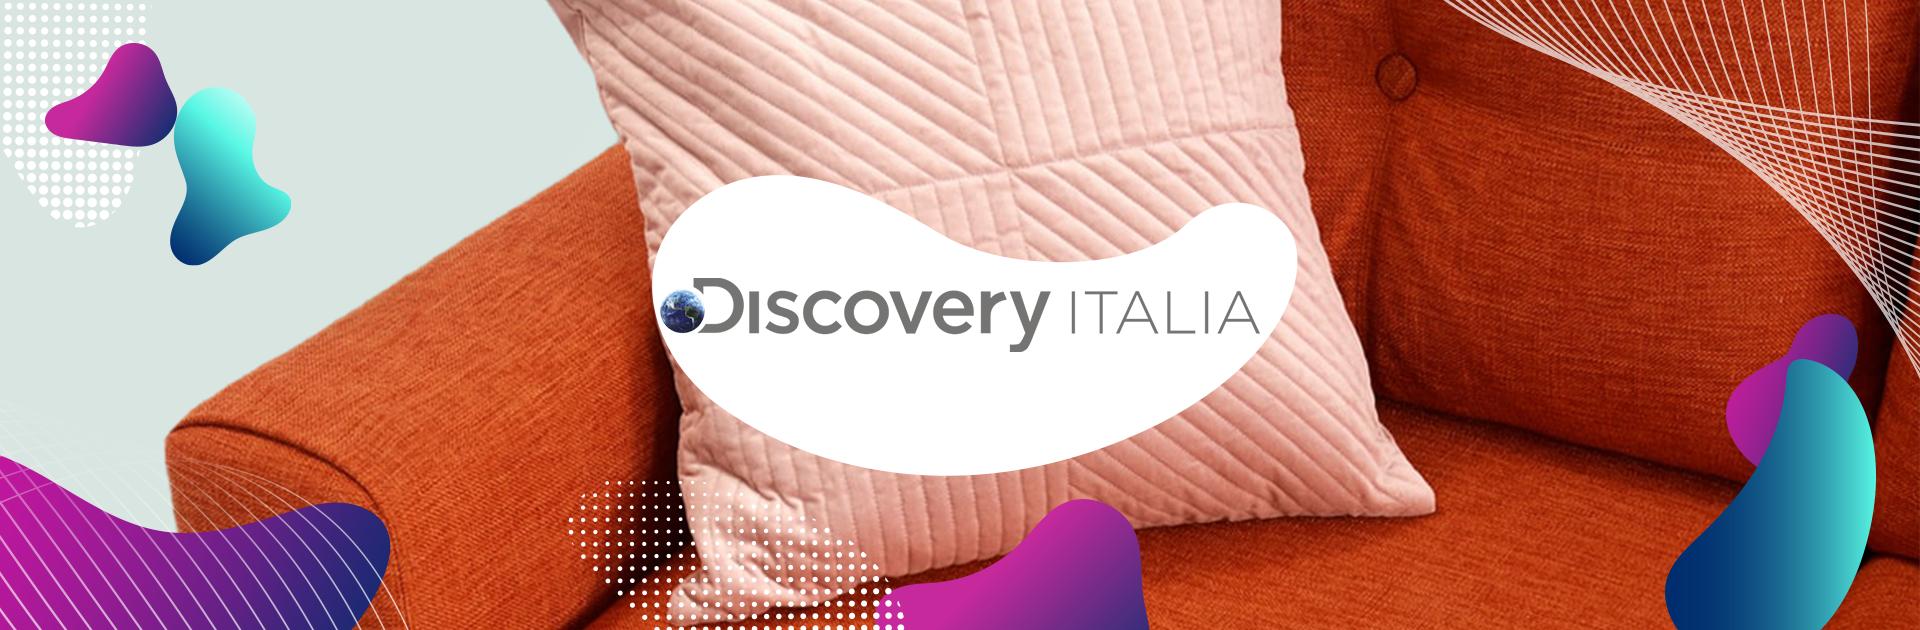 Influencer marketing per Discovery Italia